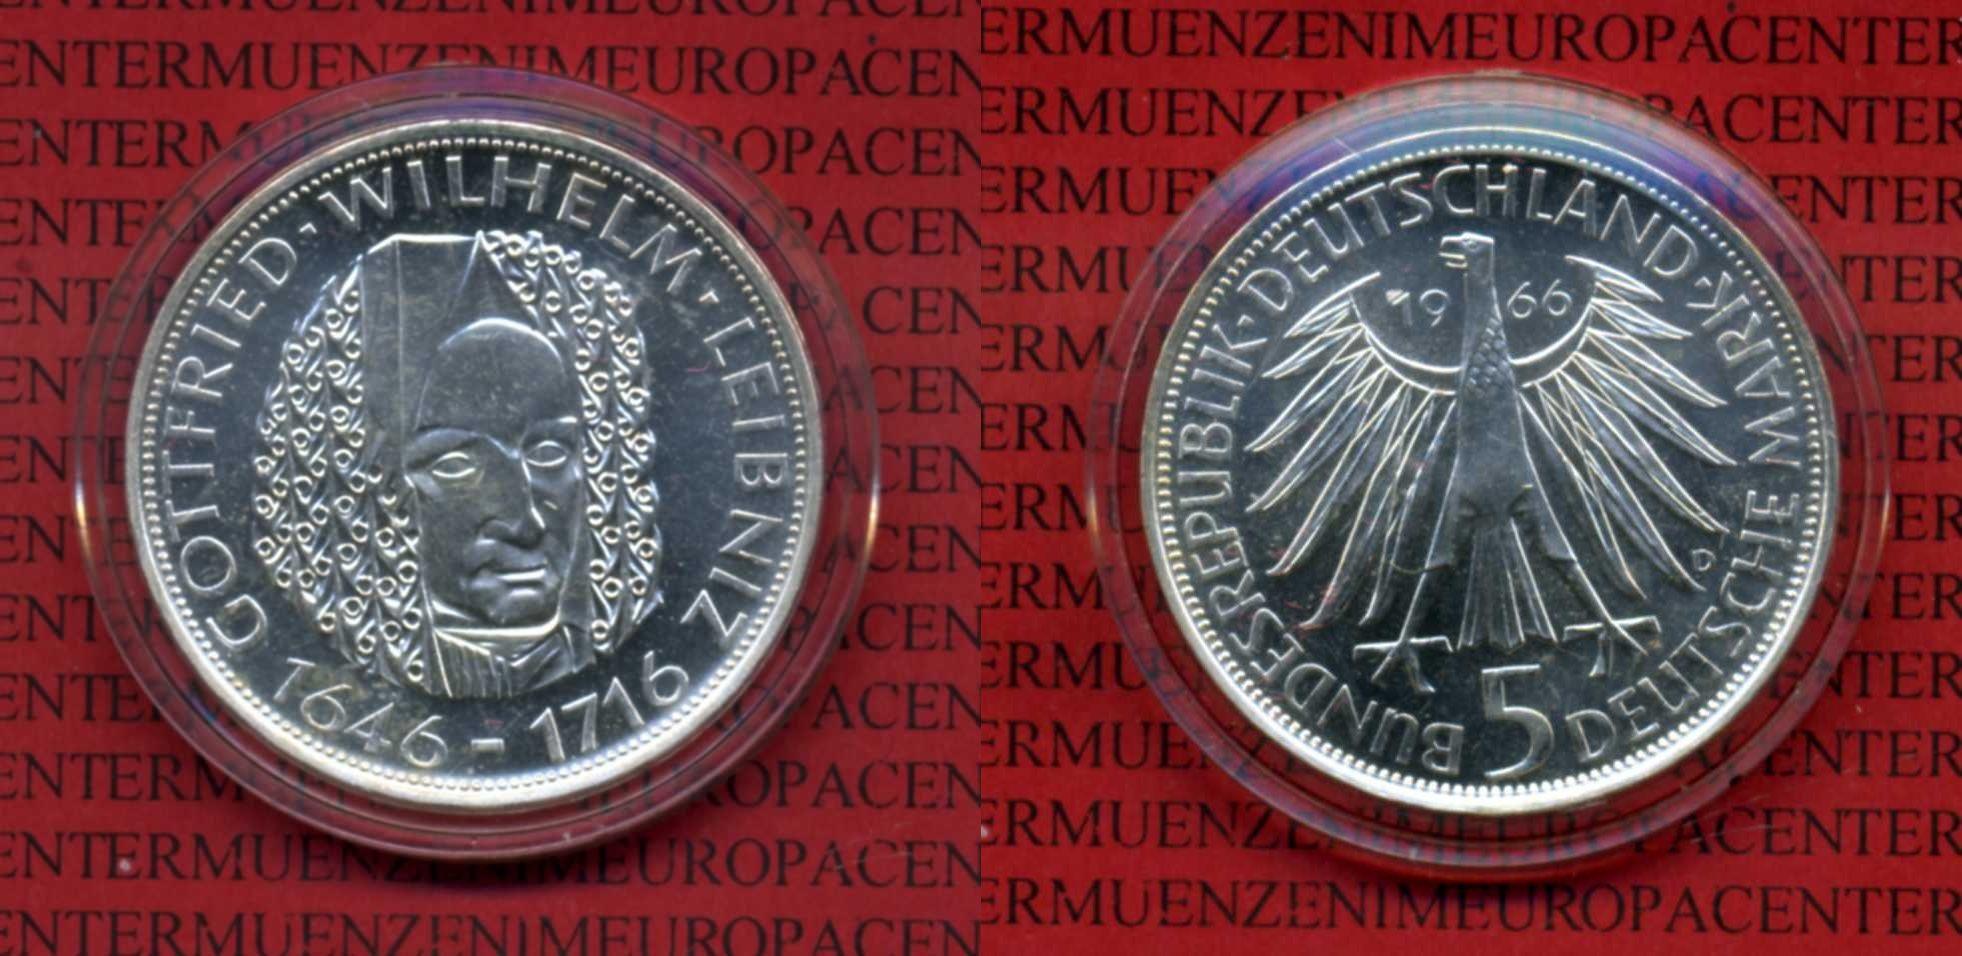 5 DM Silber Gedenkmünze 1966 Bundesrepublik Deutschland Deutschland 5 Mark 1966 Gottfried Wilhelm -Leibniz 1646-1716 Kapsel Spiegelglanz* - PP